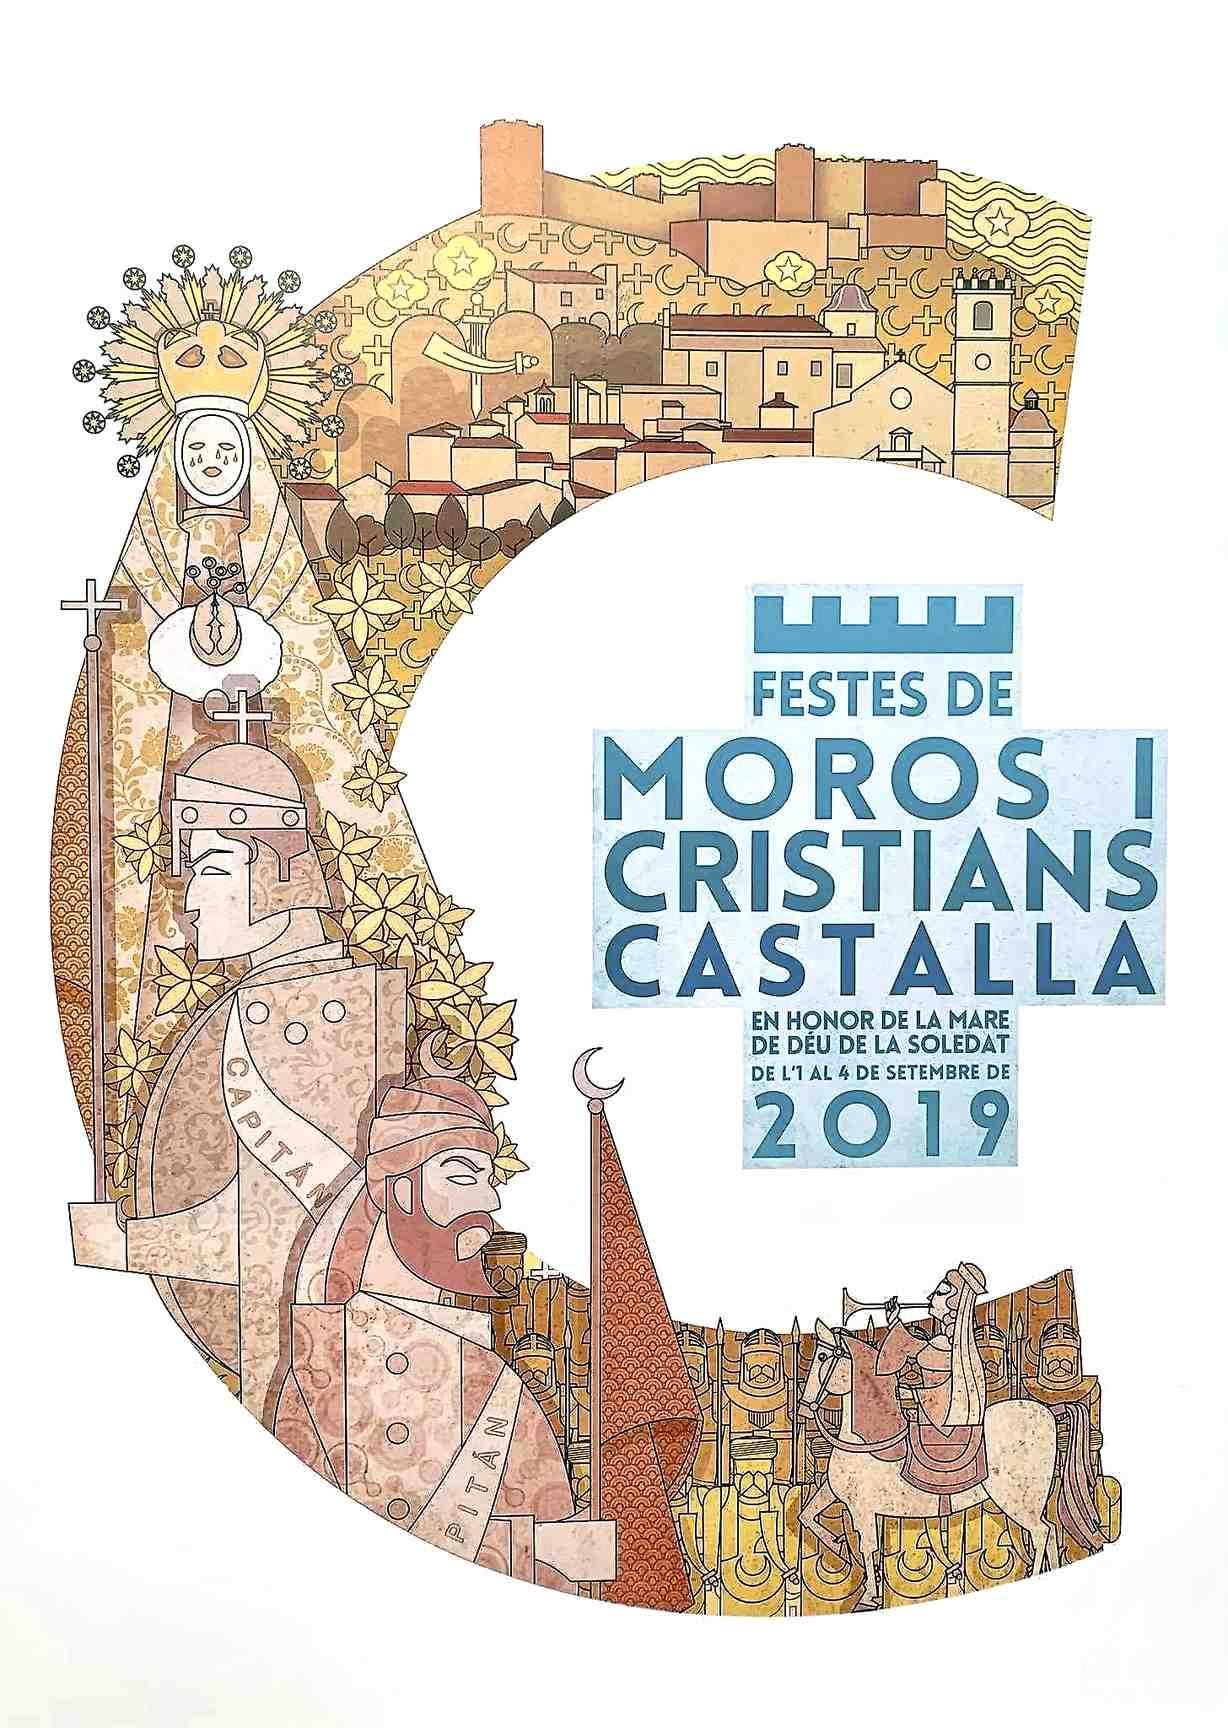 Les Festes de Castalla ja tenen cartell oficial, obra del castellonenc Juan Diego Ingelmo